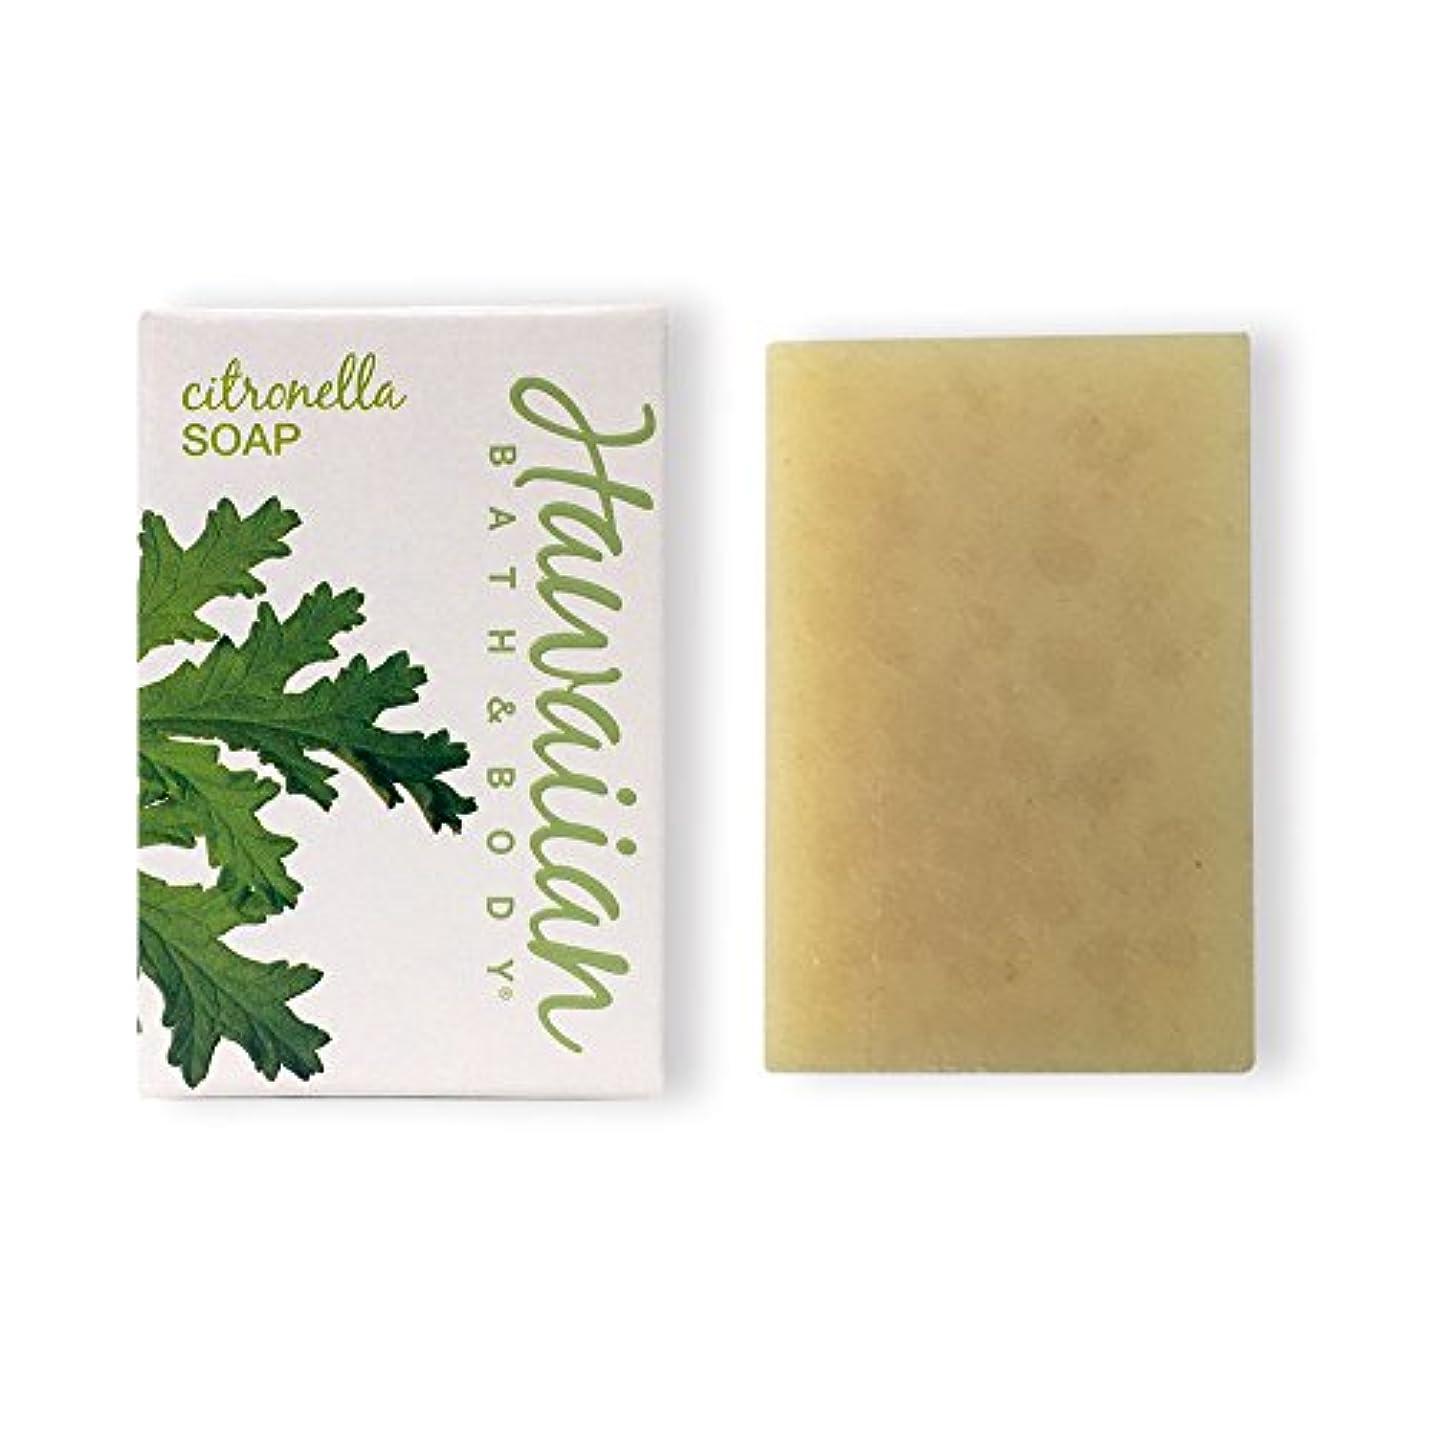 ミスペンド誓い再発するハワイアンバス&ボディ シトロネラソープ(ビーチバー)( Citronella Soap )